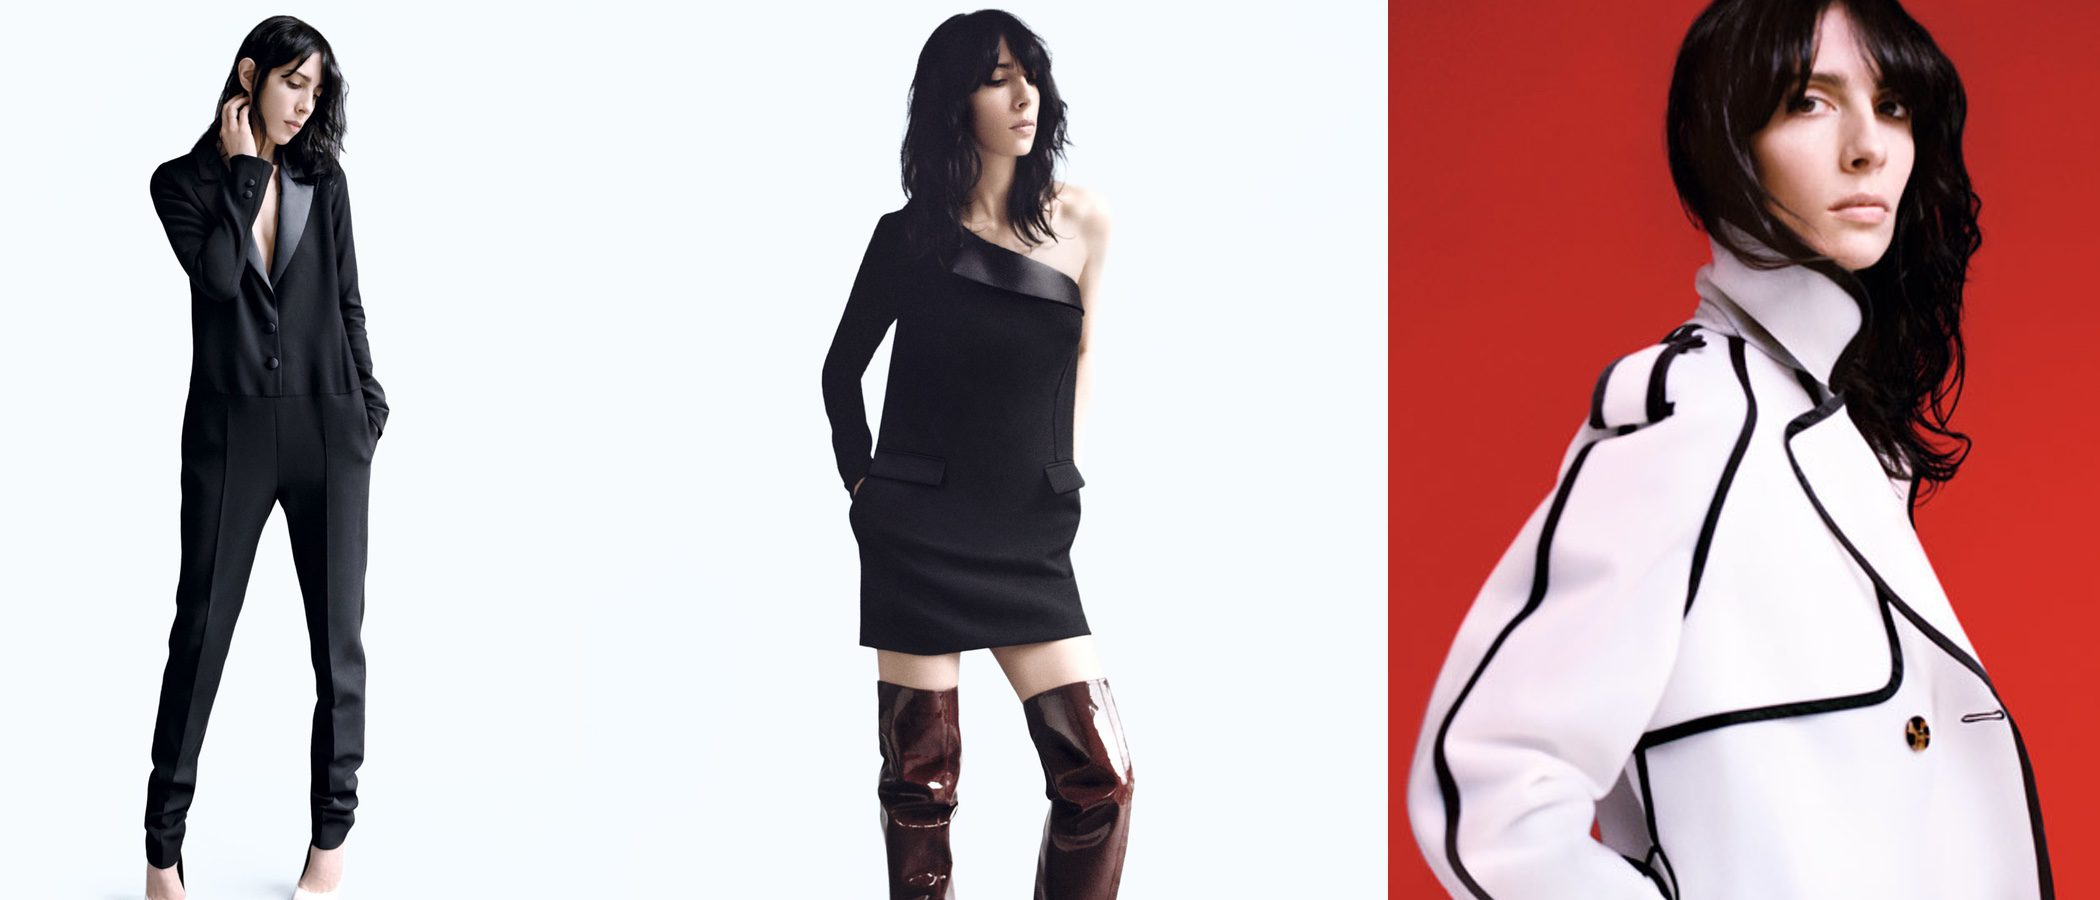 La Redoute y Wanda Nylon lanzan una nueva colección futurista para otoño 2016